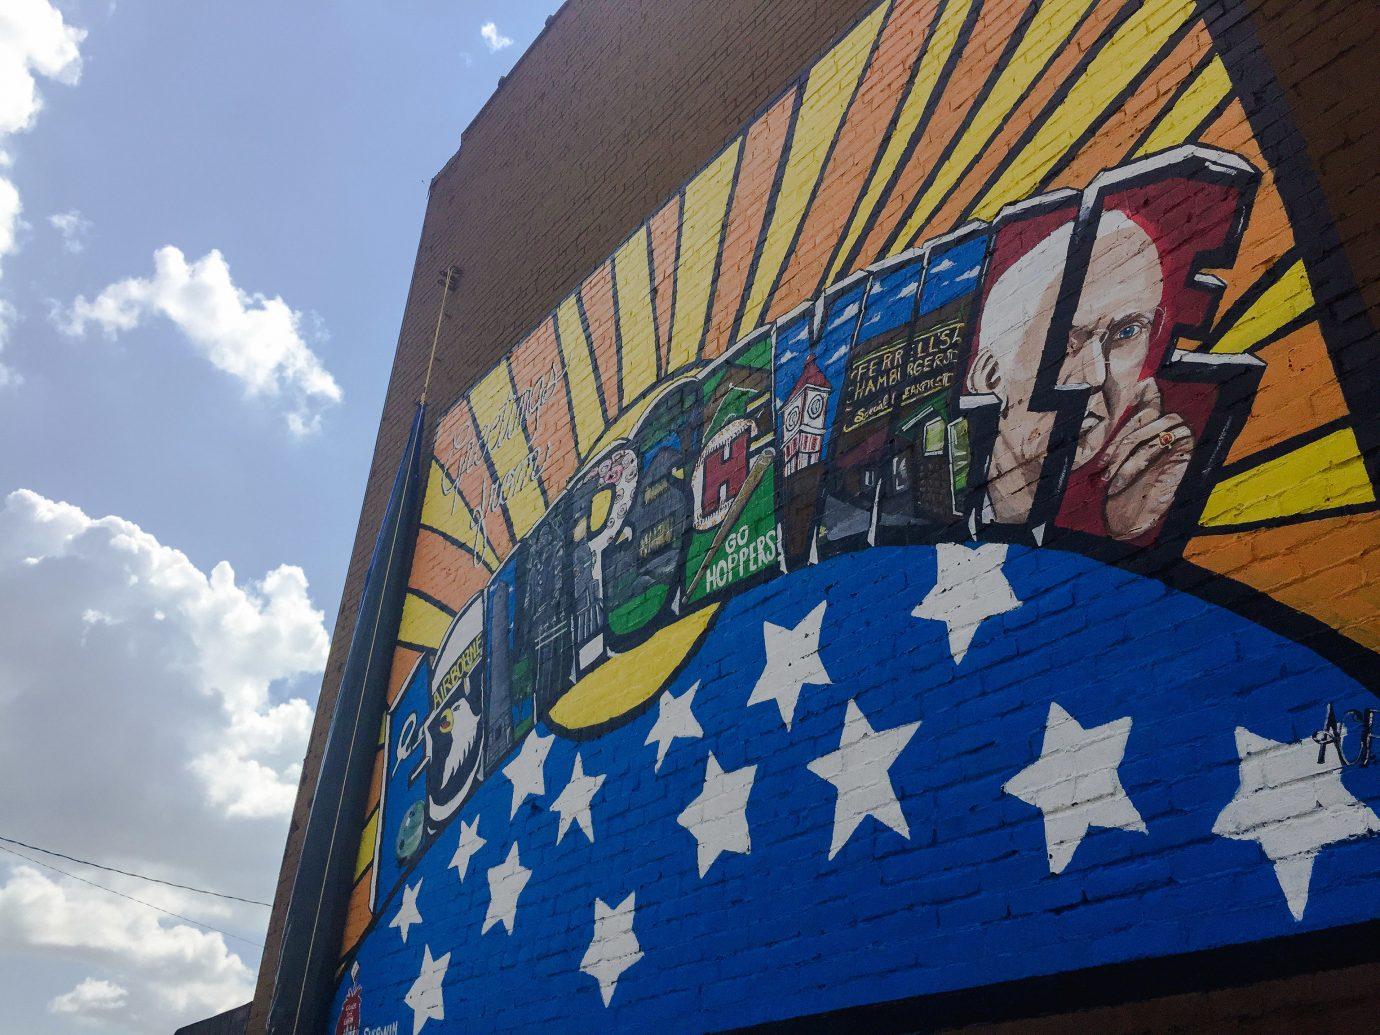 Offbeat sky blue outdoor flag wall mural daytime street art graffiti painted